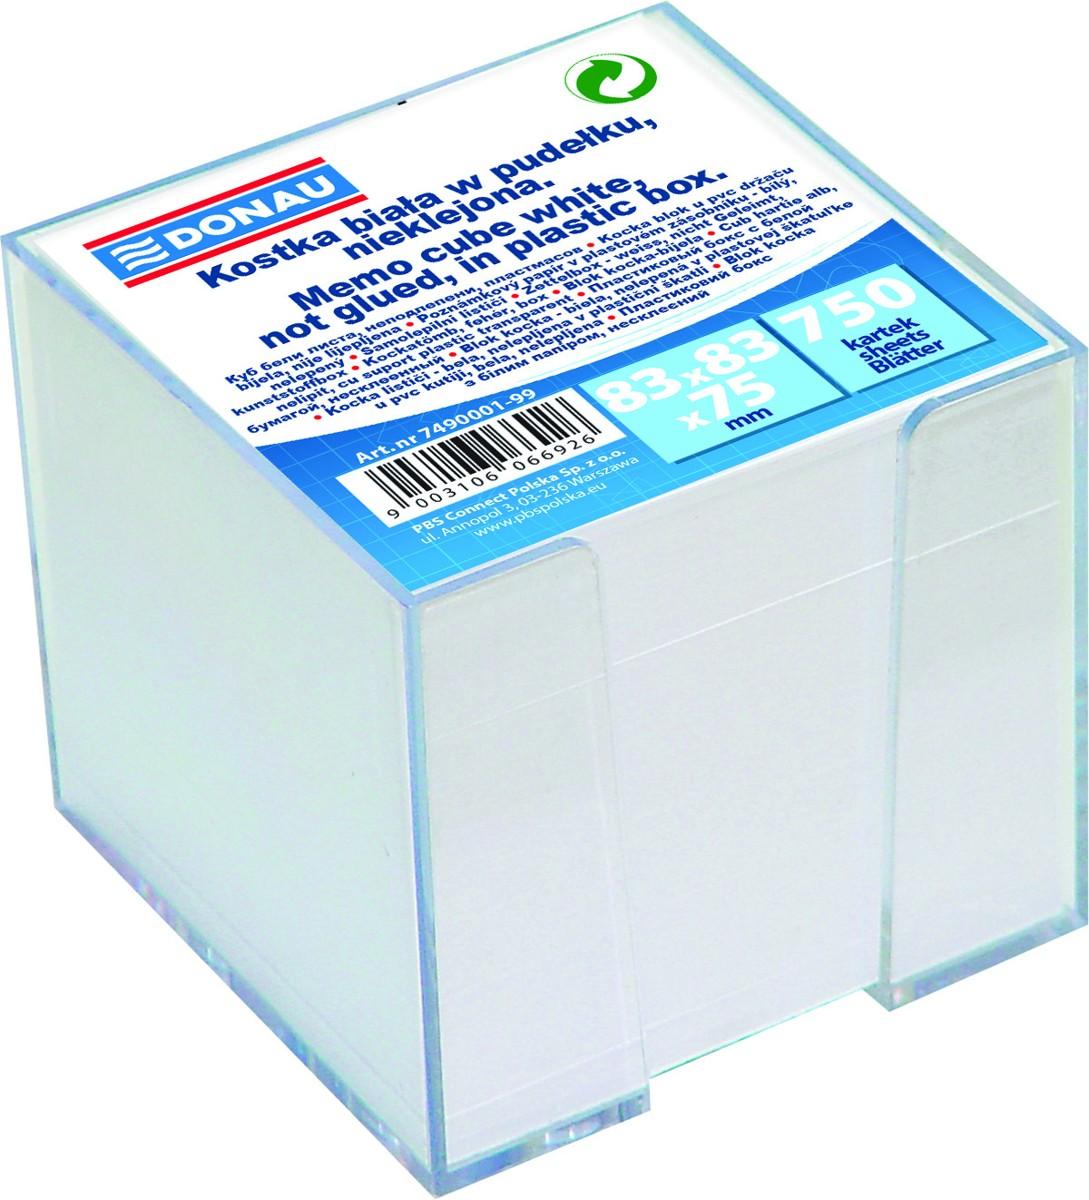 Blok špalíček 9 x 9 x 6,5 cm krabička s náplní - černá